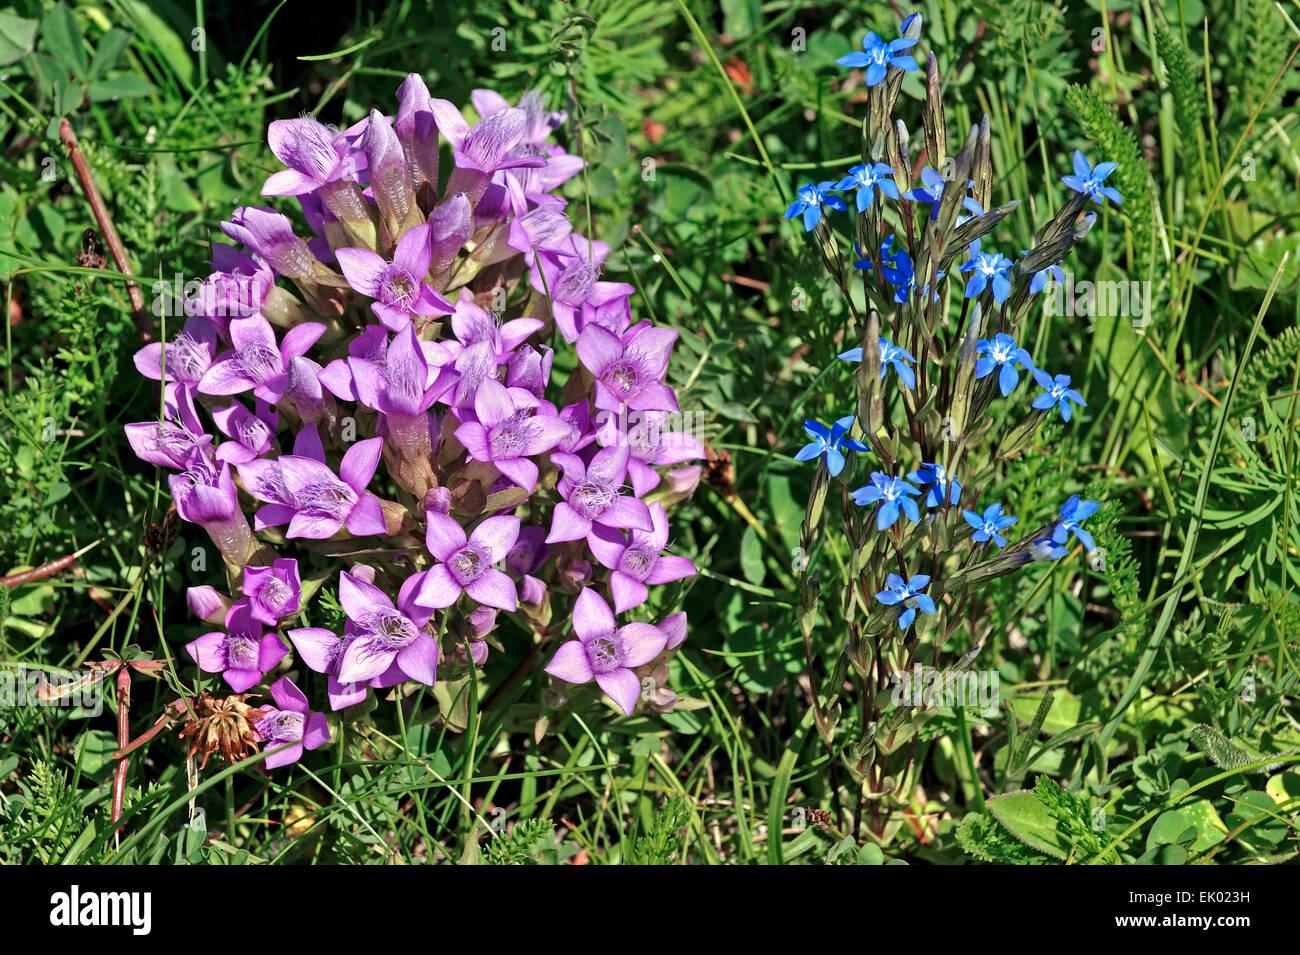 Field Gentian / felwort (Gentianella campestris) and Spring gentian (Gentiana verna) in flower - Stock Image